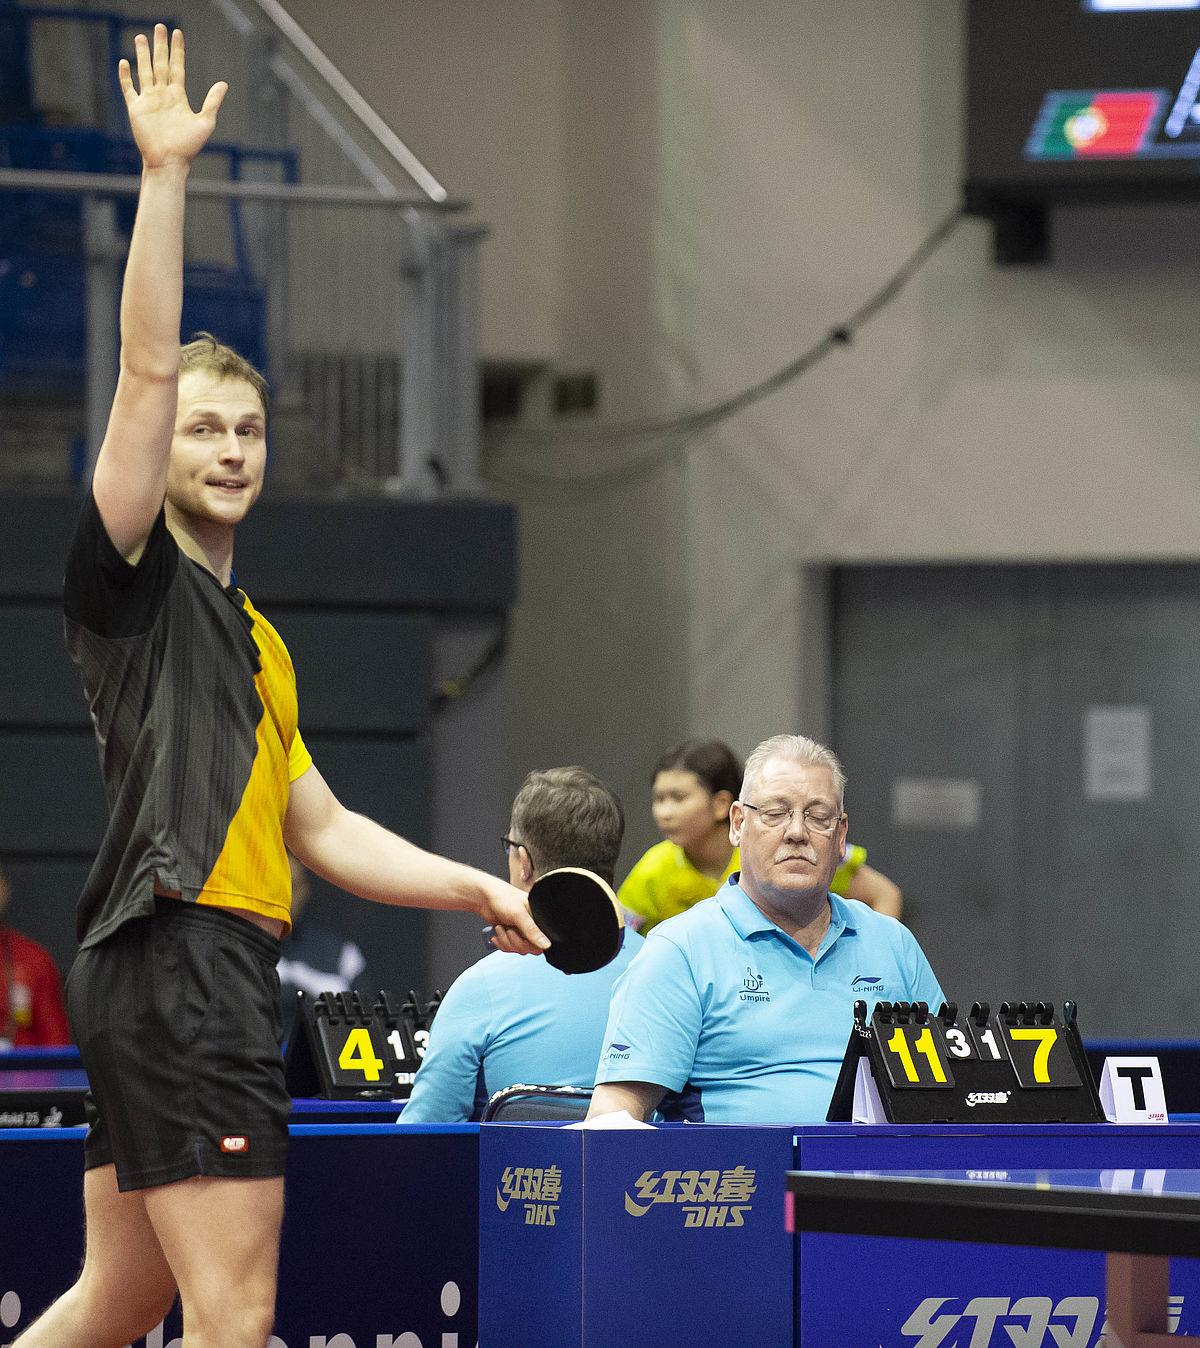 German Open 2020 Tischtennis